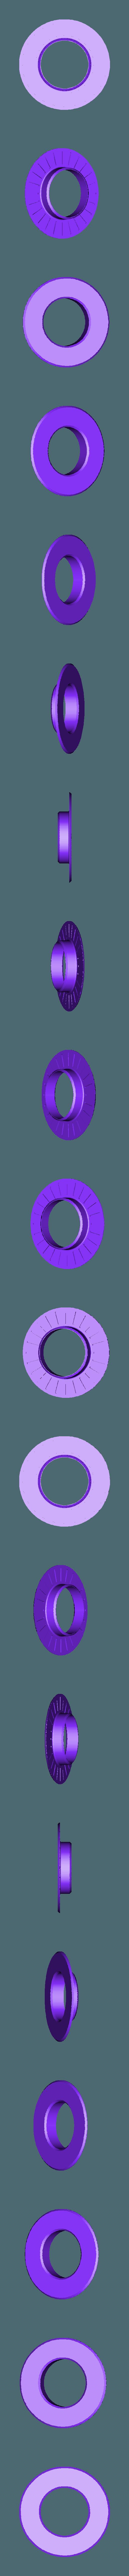 32mm.stl Télécharger fichier STL gratuit Manchon pour trou de cabinet • Modèle à imprimer en 3D, 3D-Designs